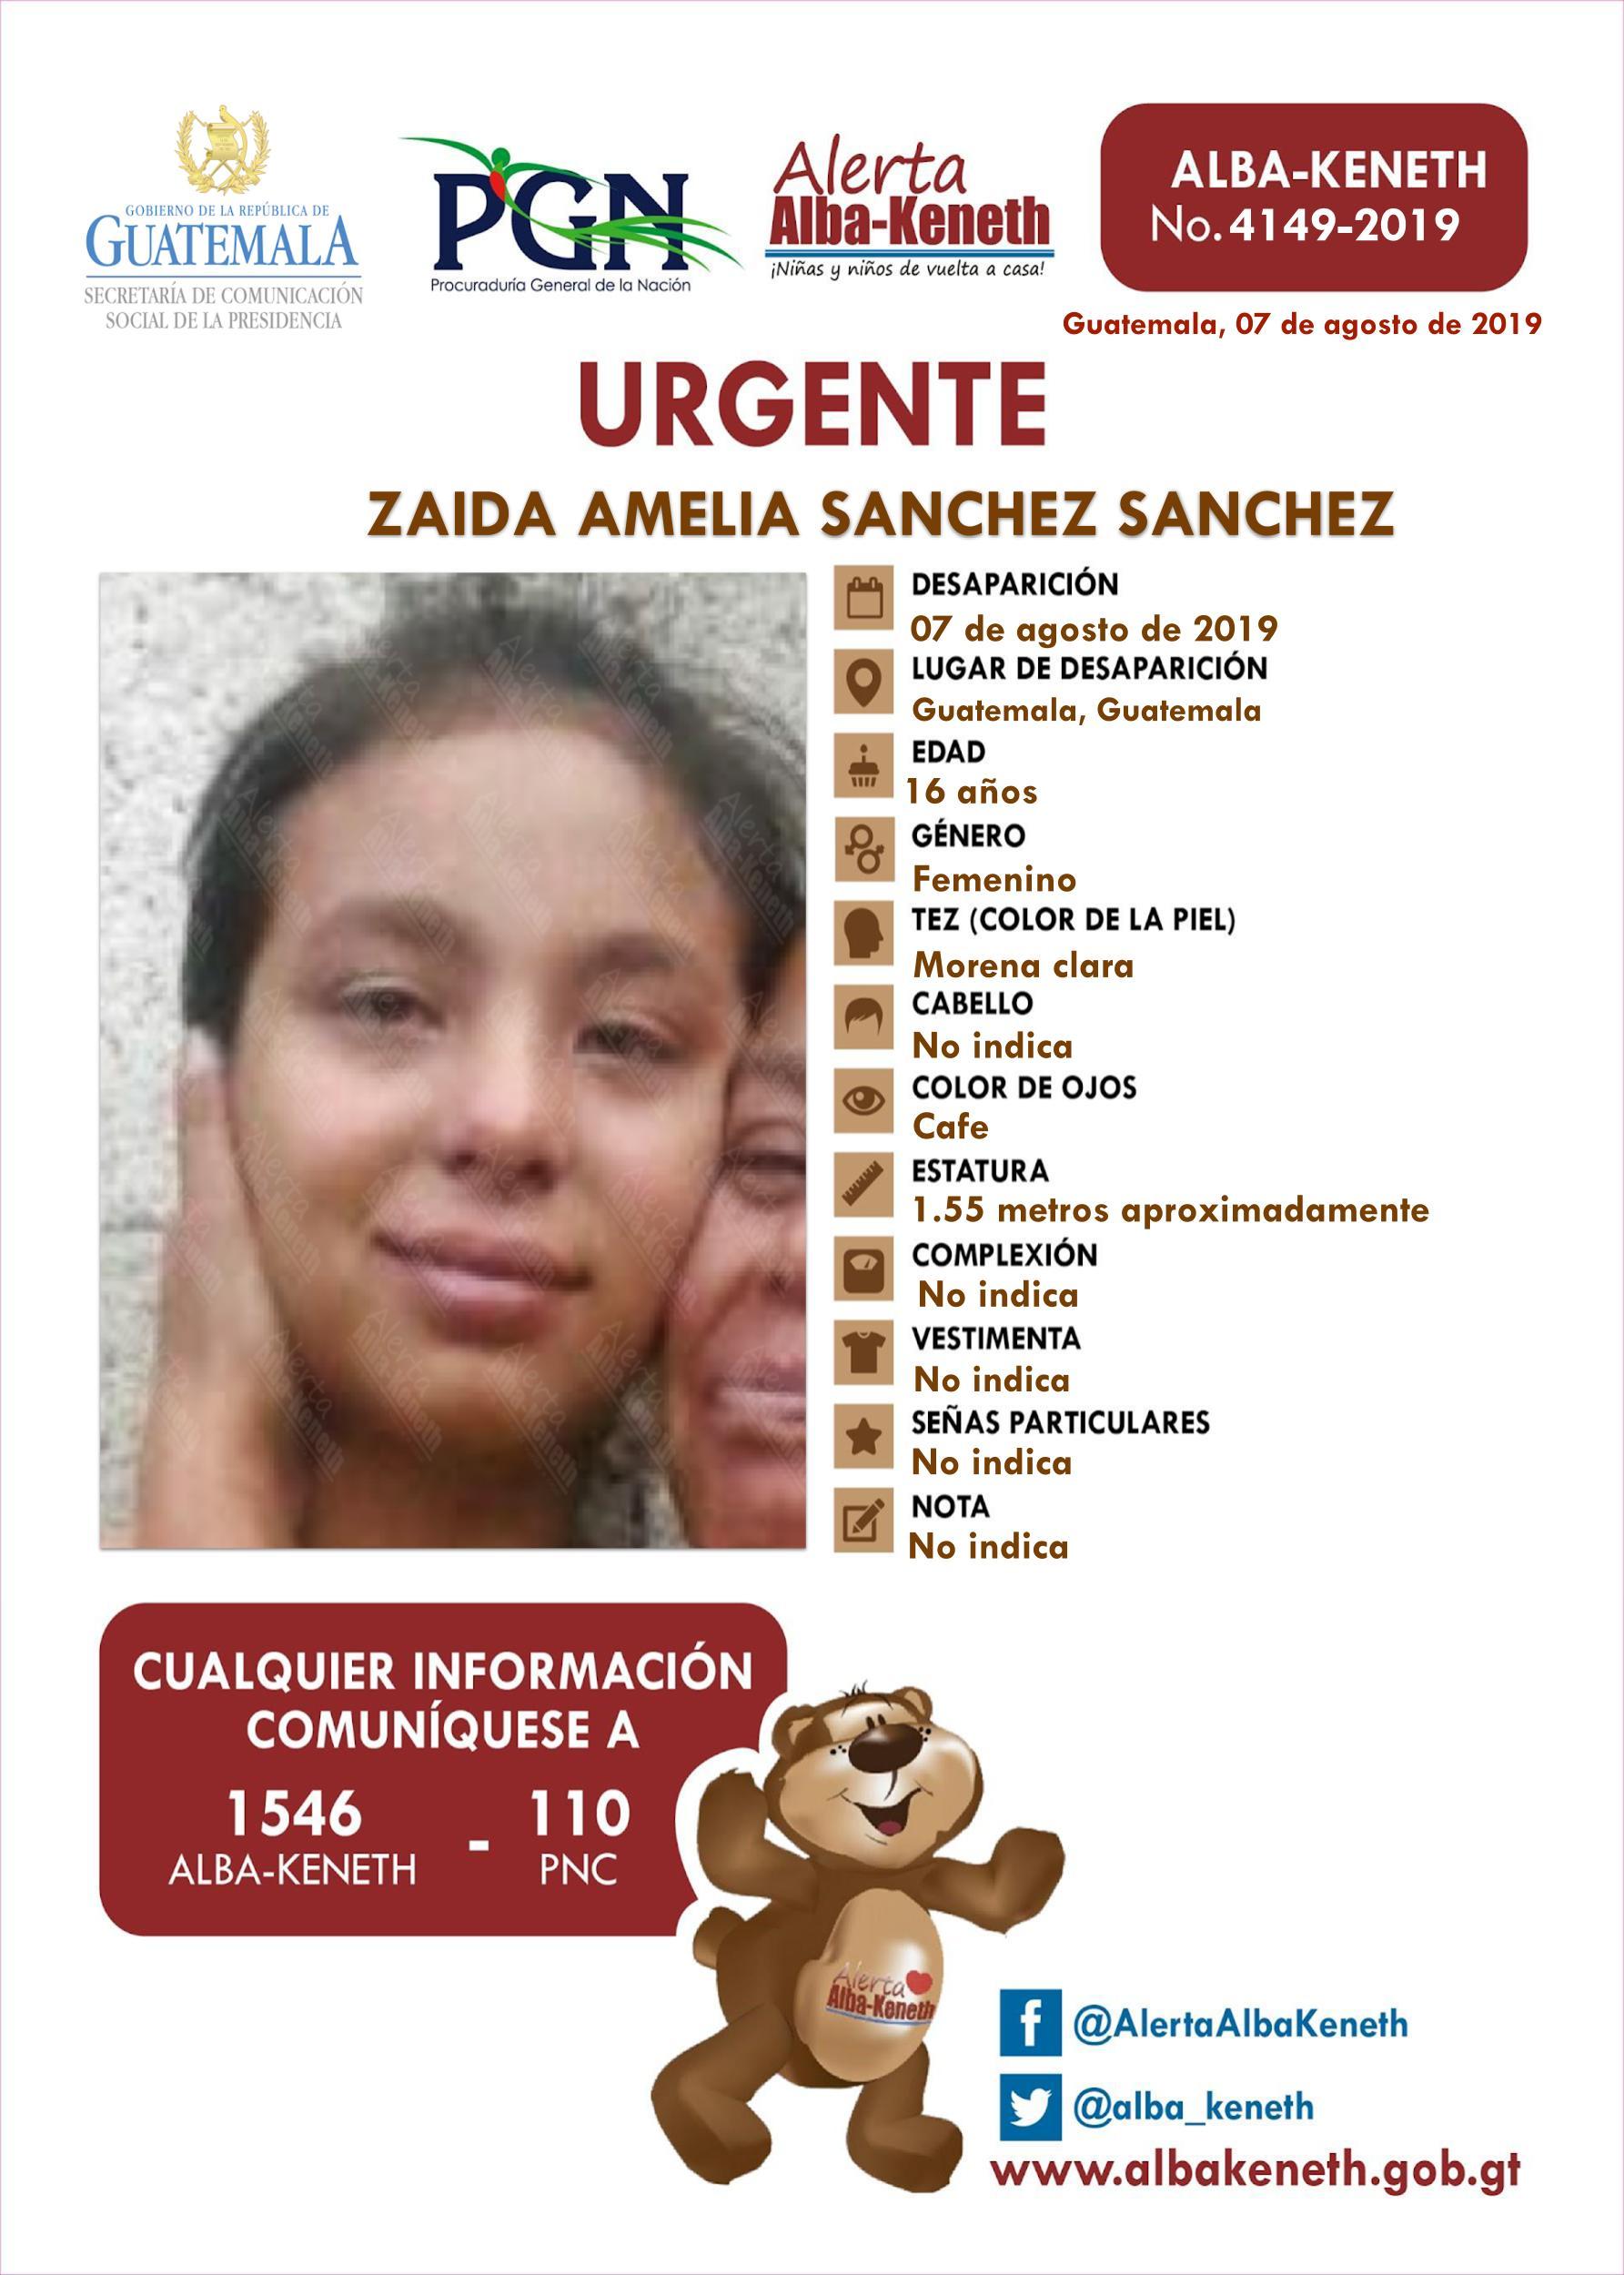 Zaida Amelia Sanchez Sanchez